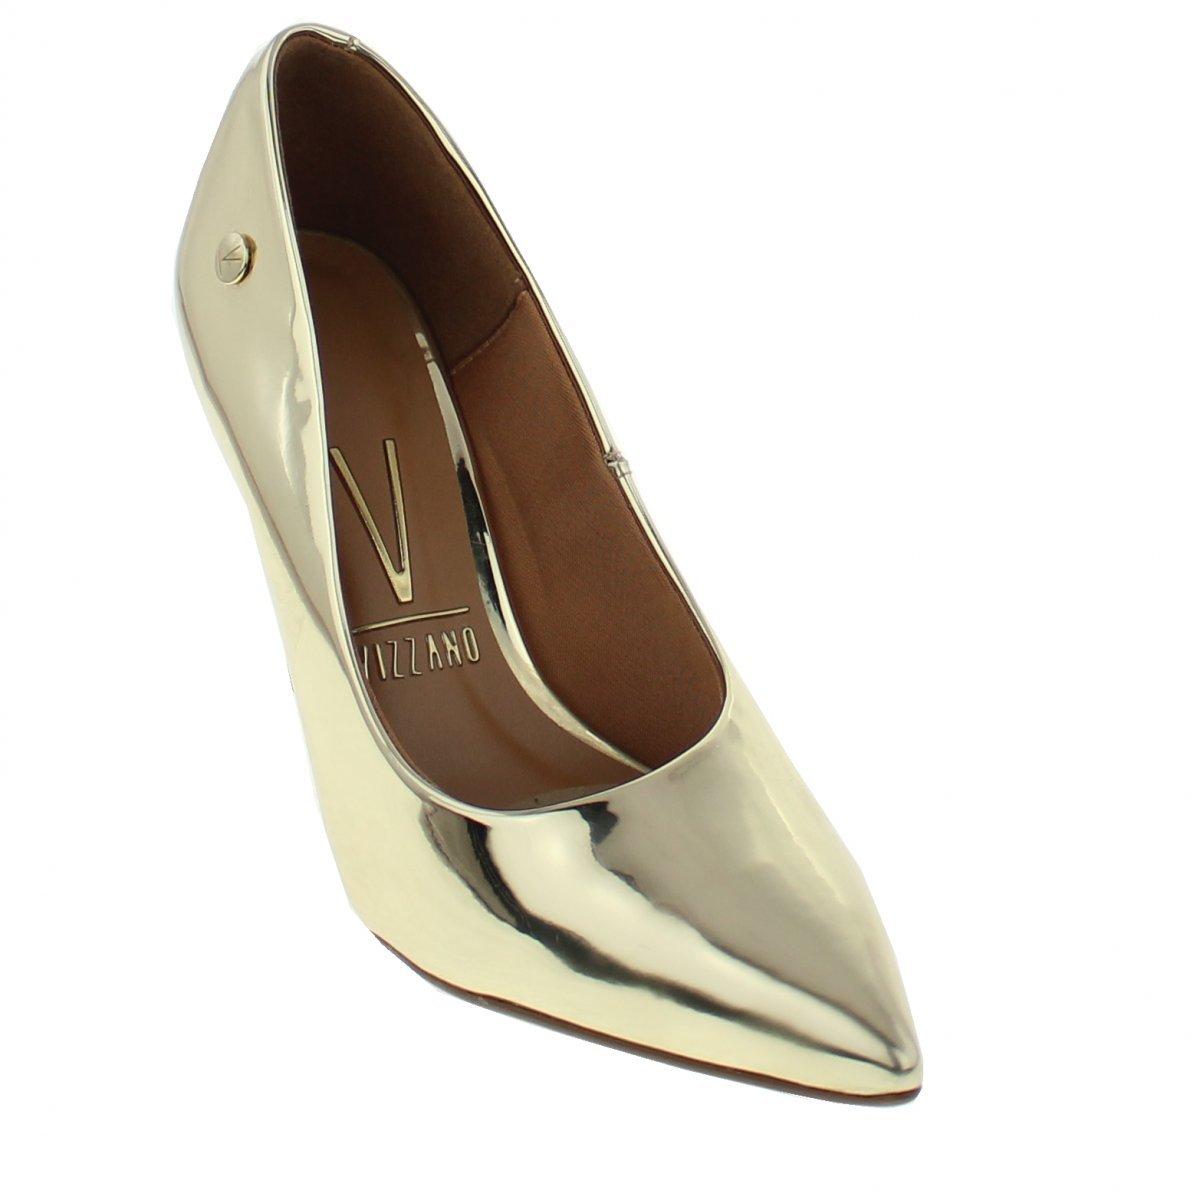 326e73711 Sapato Scarpin Feminino Vizzano Metalizado Dourado 1230300 1230300 ...